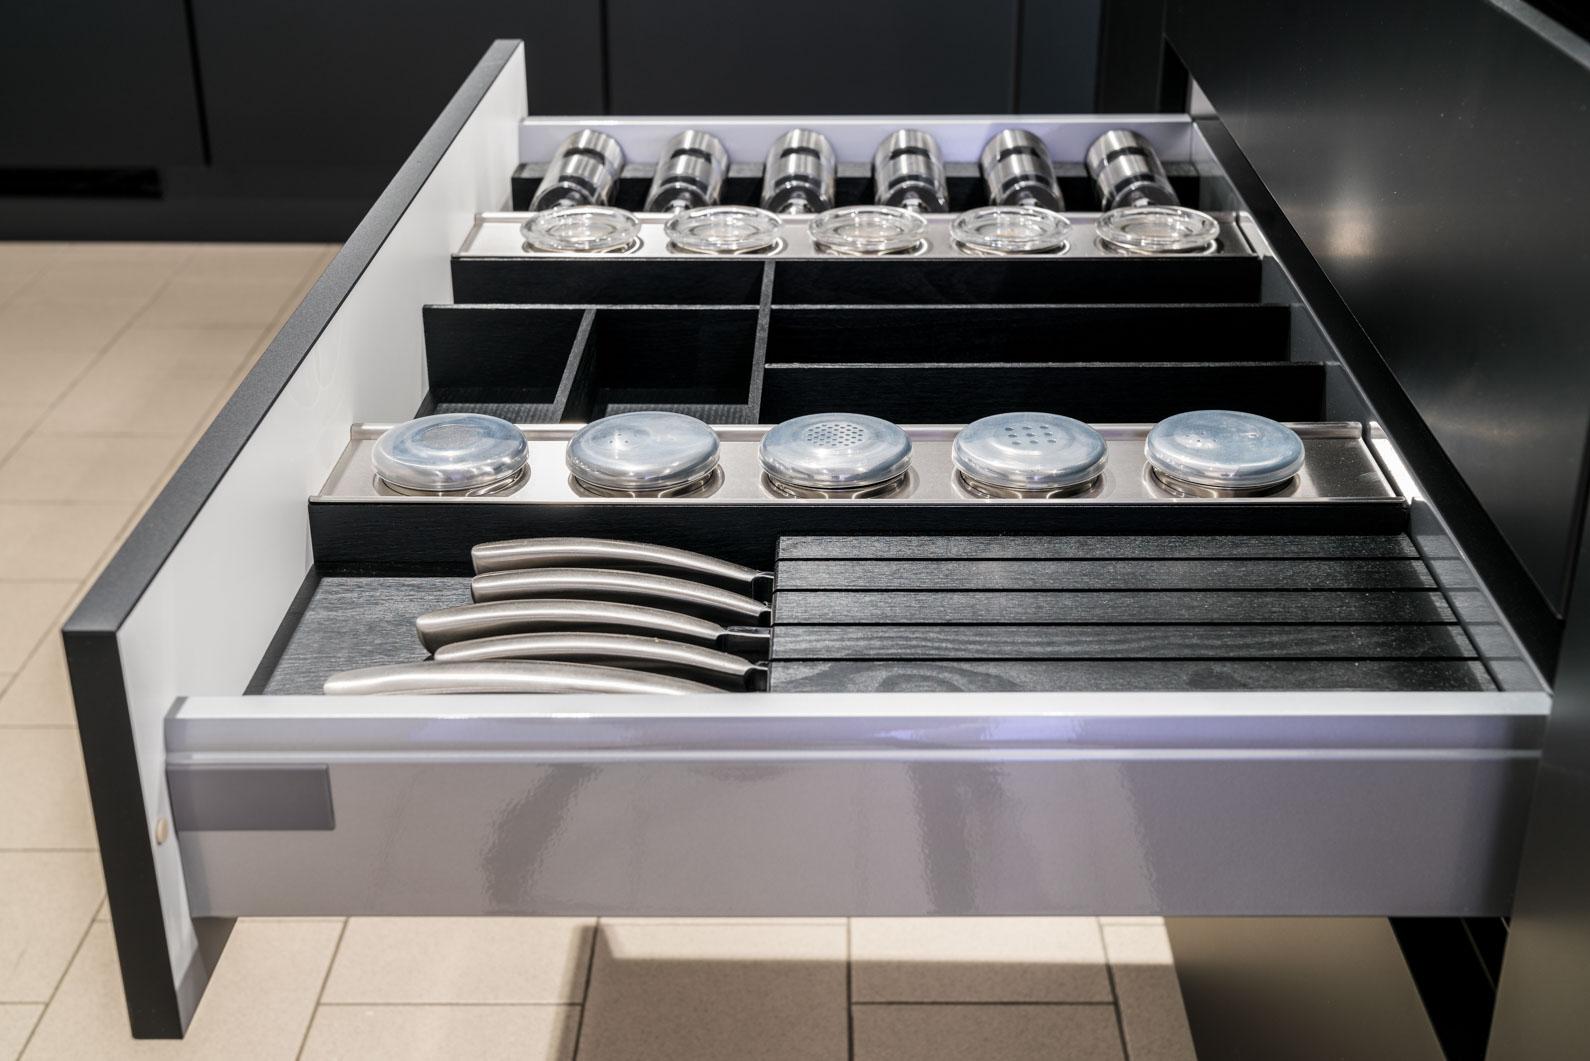 Weisser Küchenstudio Showroom Ordnungssystem in einer Schublade